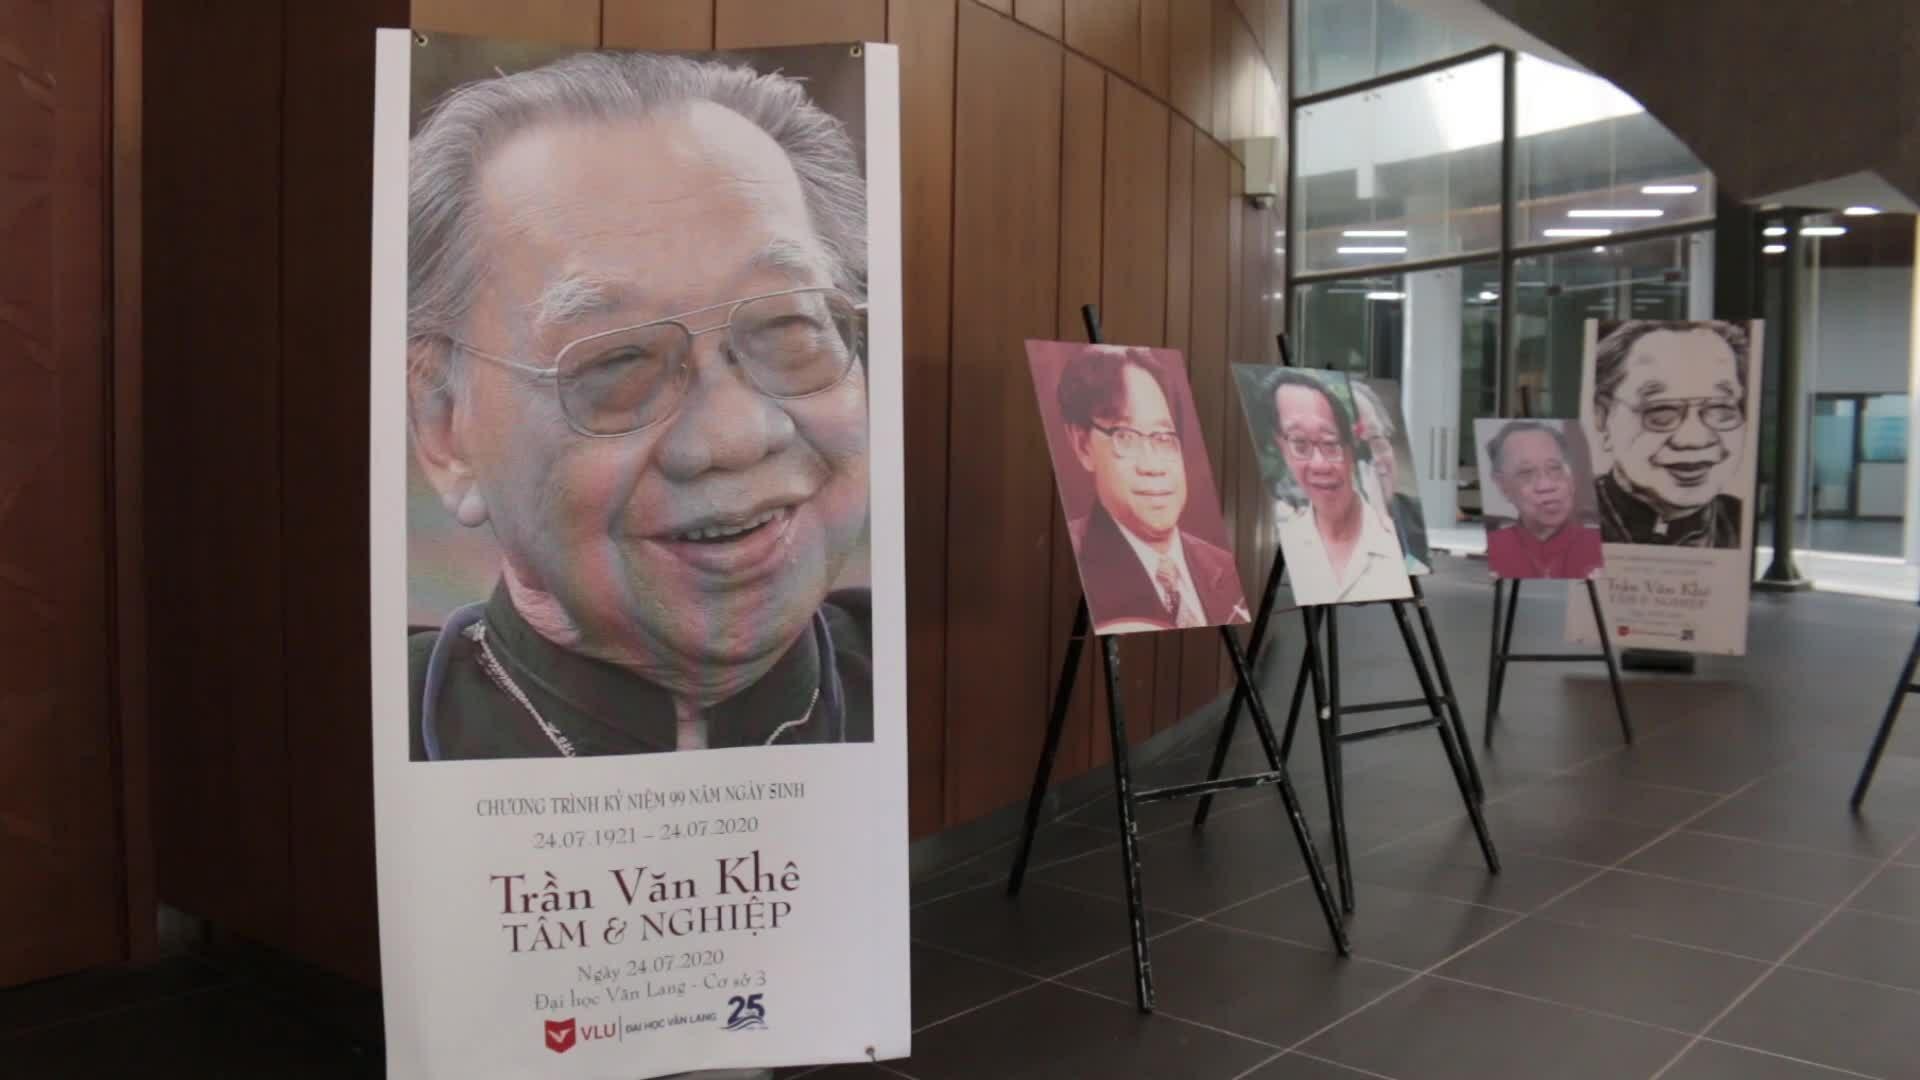 Lễ tưởng nhớ 99 năm ngày sinh của GS Trần Văn Khê